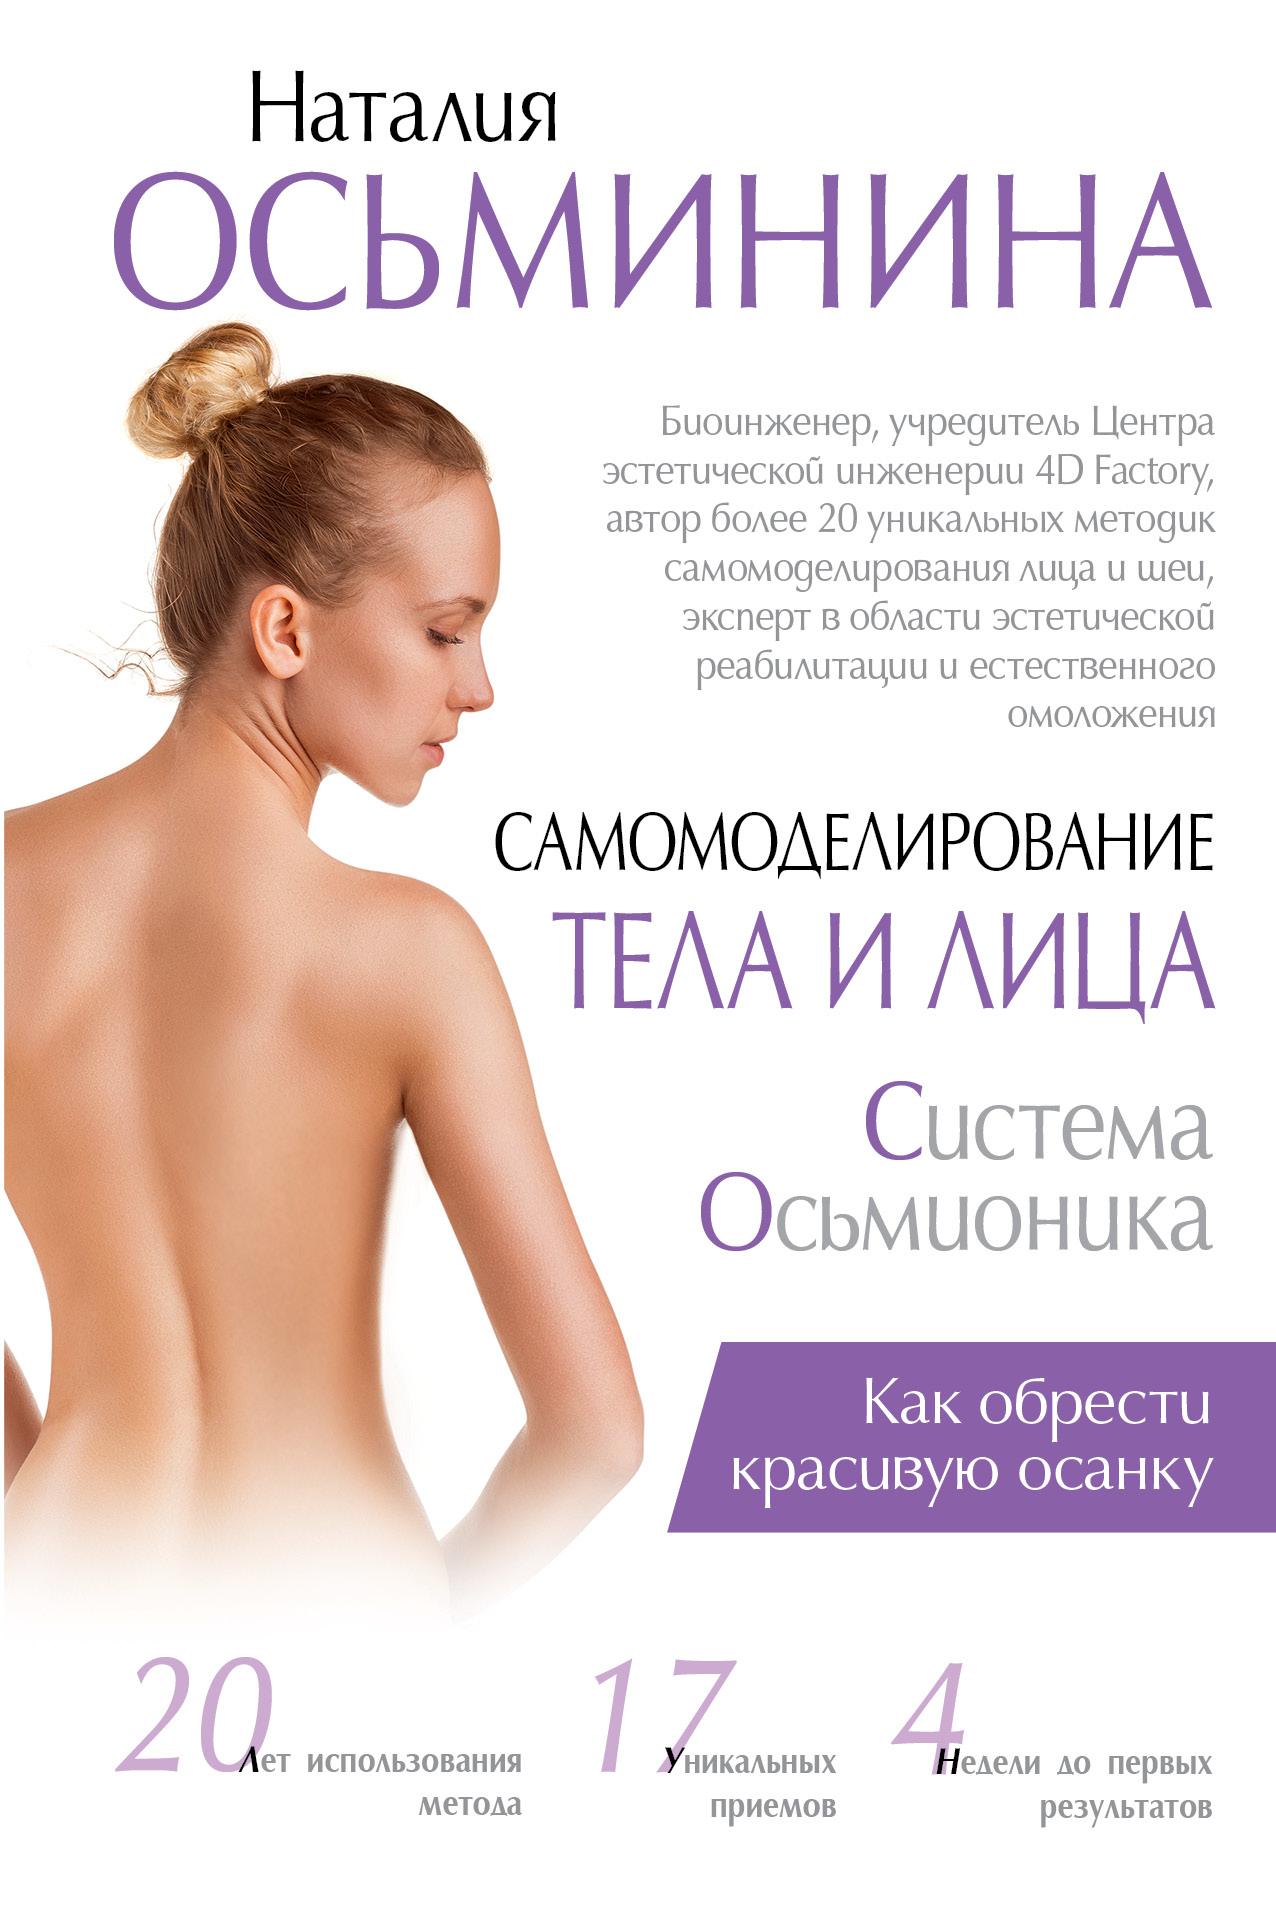 Осьминина Н.Б. Самомоделирование тела и лица: система Осьмионика. Как обрести красивую осанку осьминина наталия борисовна биогимнастика для лица система фейсмионика